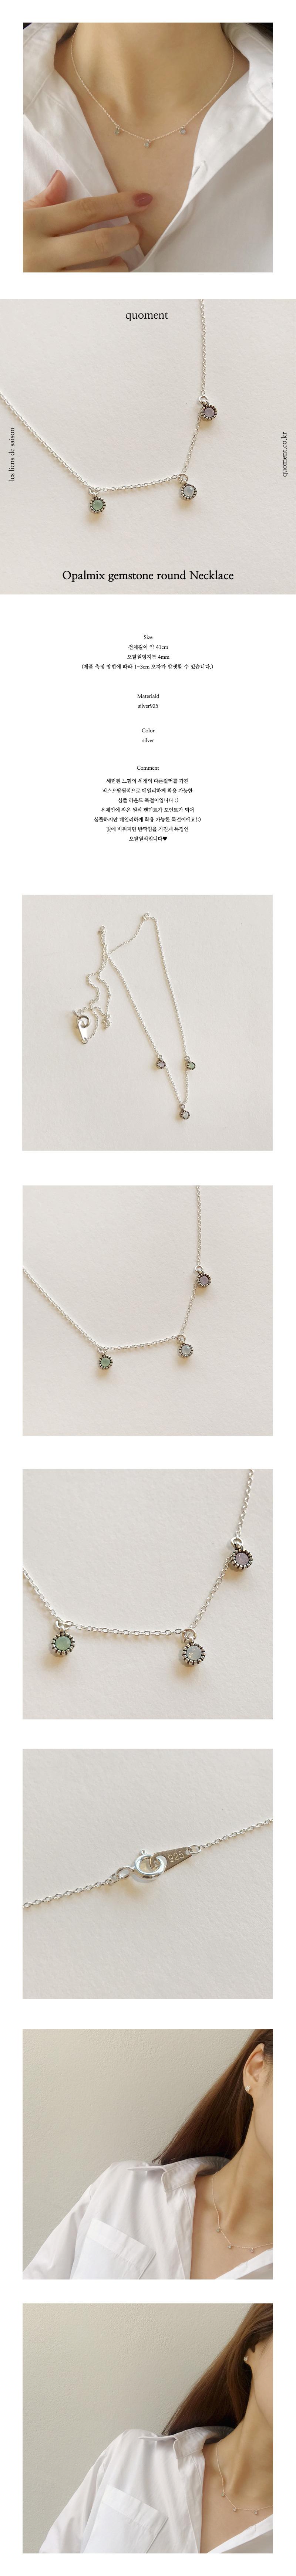 925실버 10월 탄생석 오팔믹스 원석 라운드목걸이 - 쿼먼트, 24,900원, 실버, 펜던트목걸이